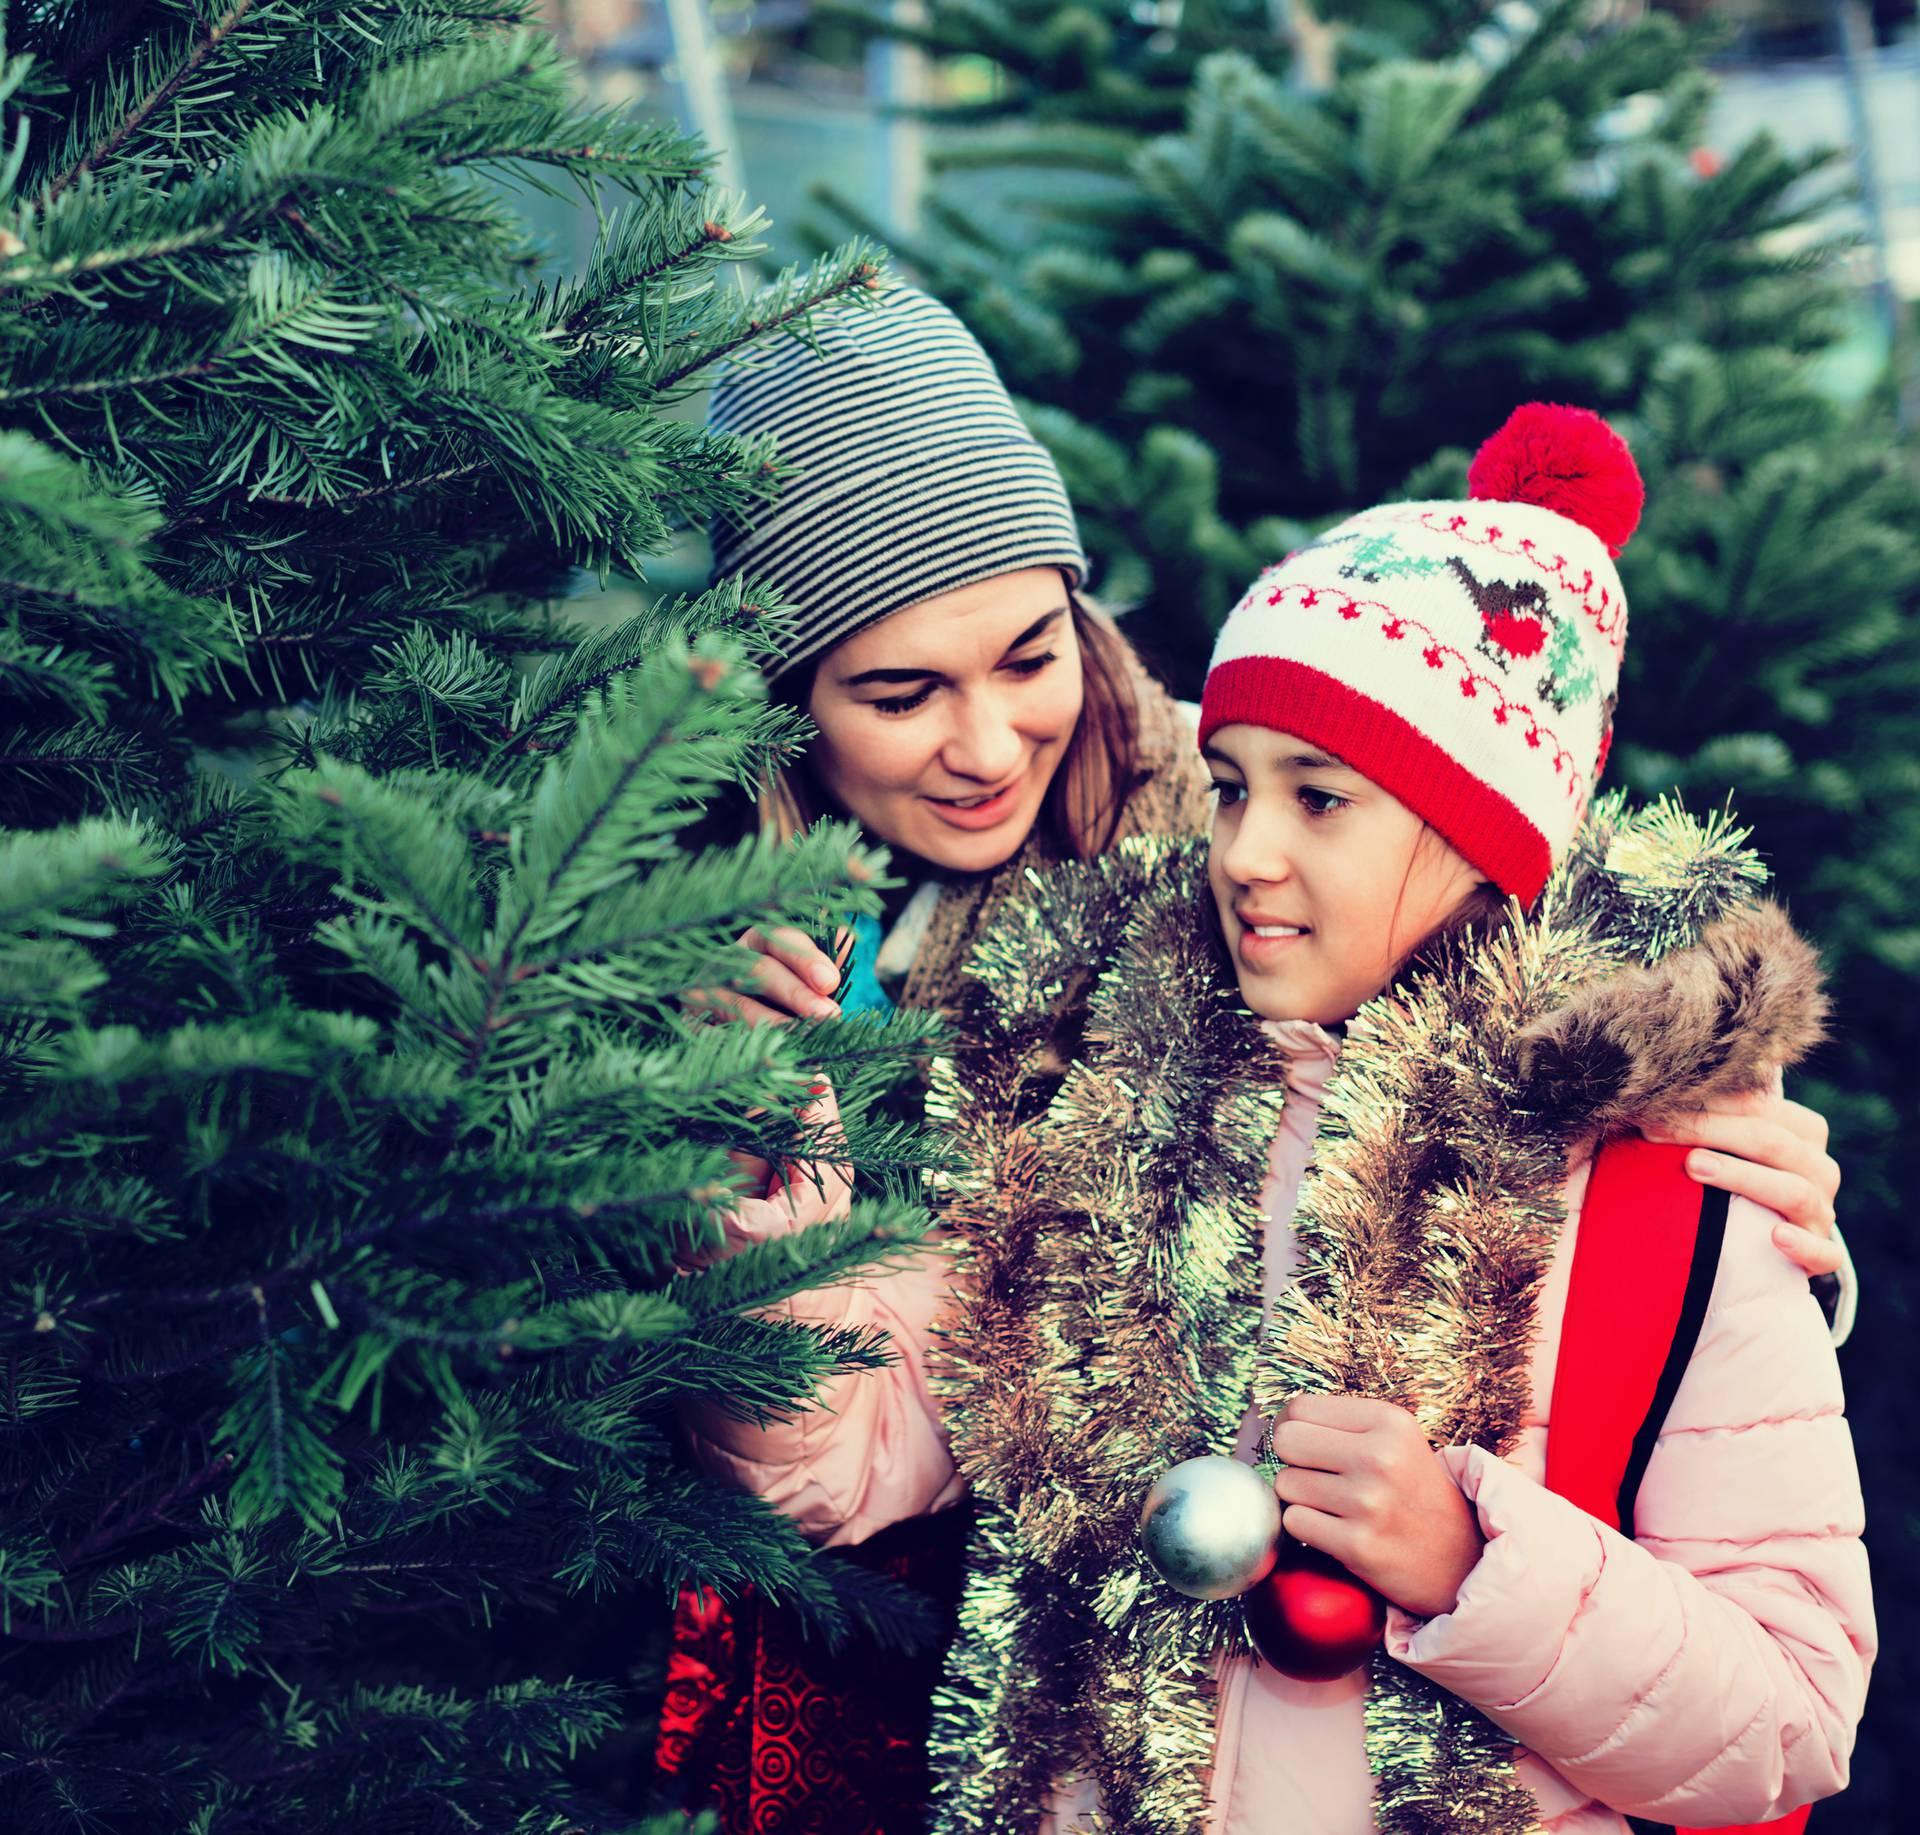 Drvce može izazvati alergijsku reakciju na koži i teže disanje